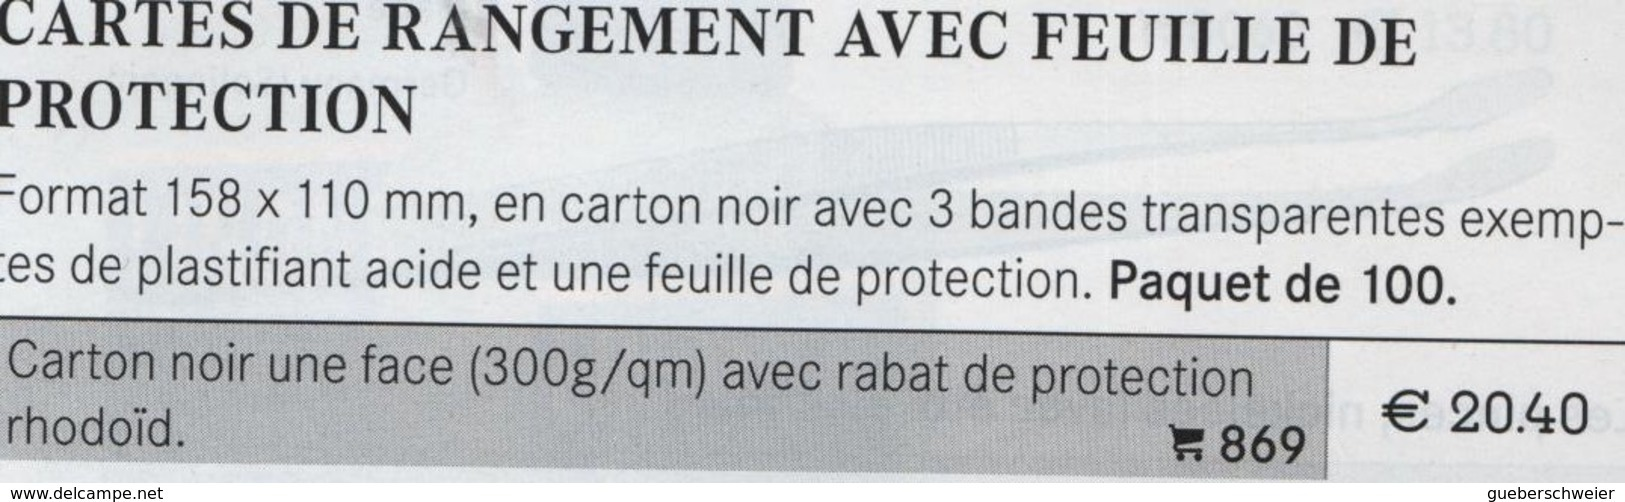 Paquet De 100 Cartes De Classement Lindner Réf. 869 Ft 158 X 110 Occasion Bon état - Approval (stock) Cards